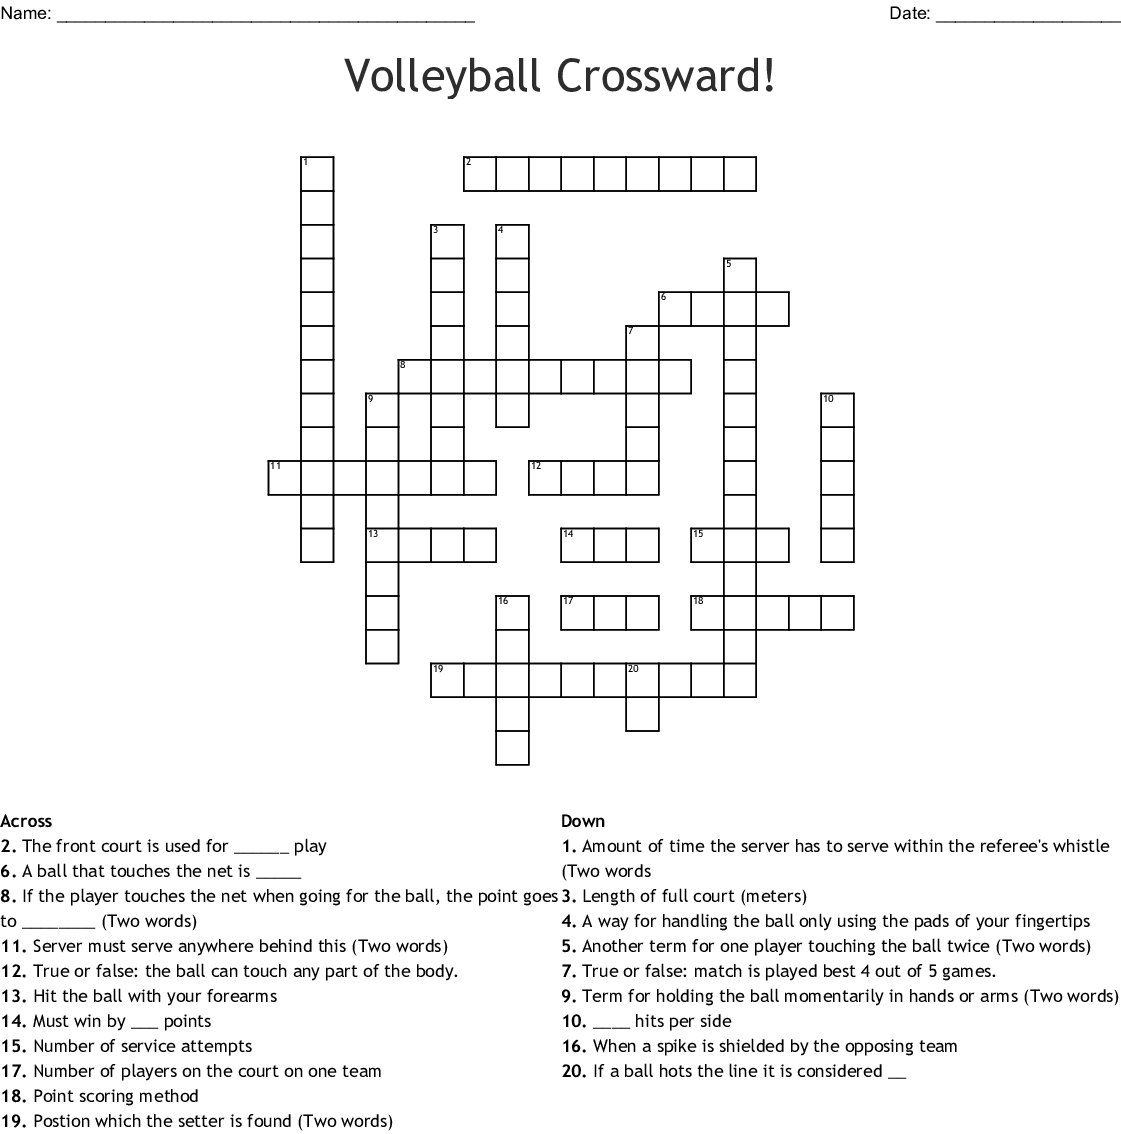 Volleyball Crossward Crossword Wordmint